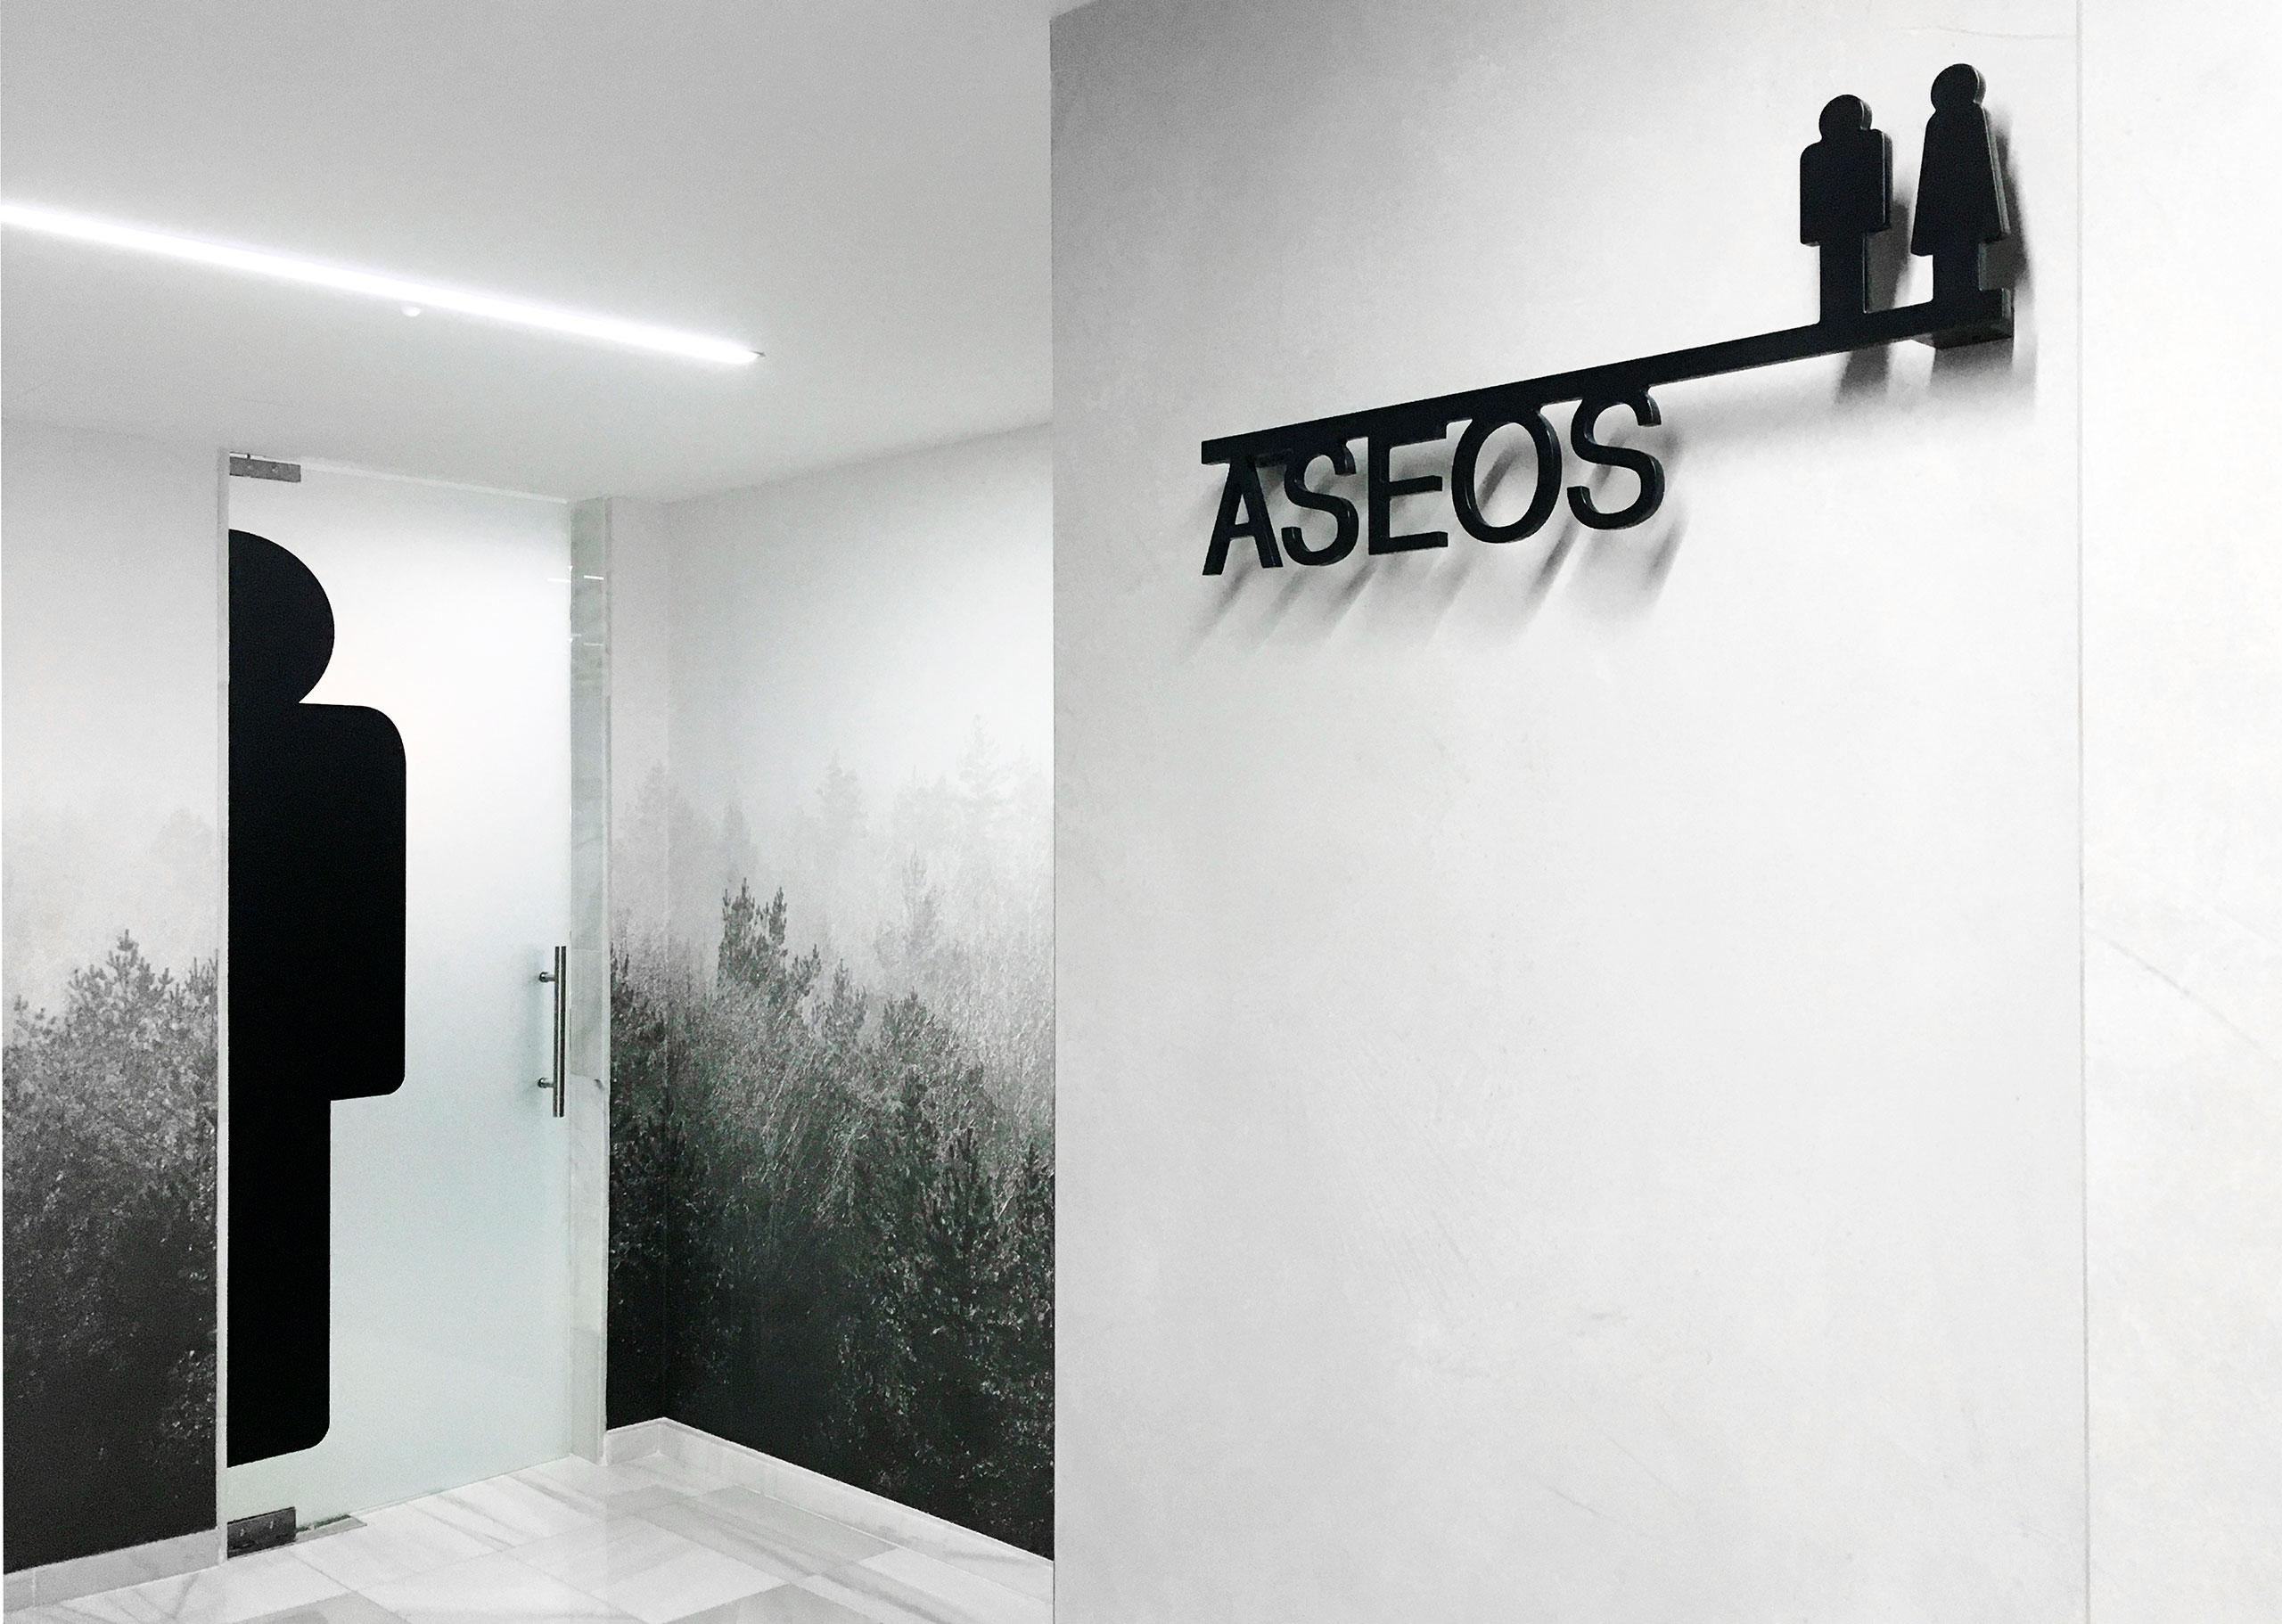 arquitectura_corporativa_diseno_wc_aseos_oficinas_senaletica_wallpaper_vegetal_plantas_papel_pintado